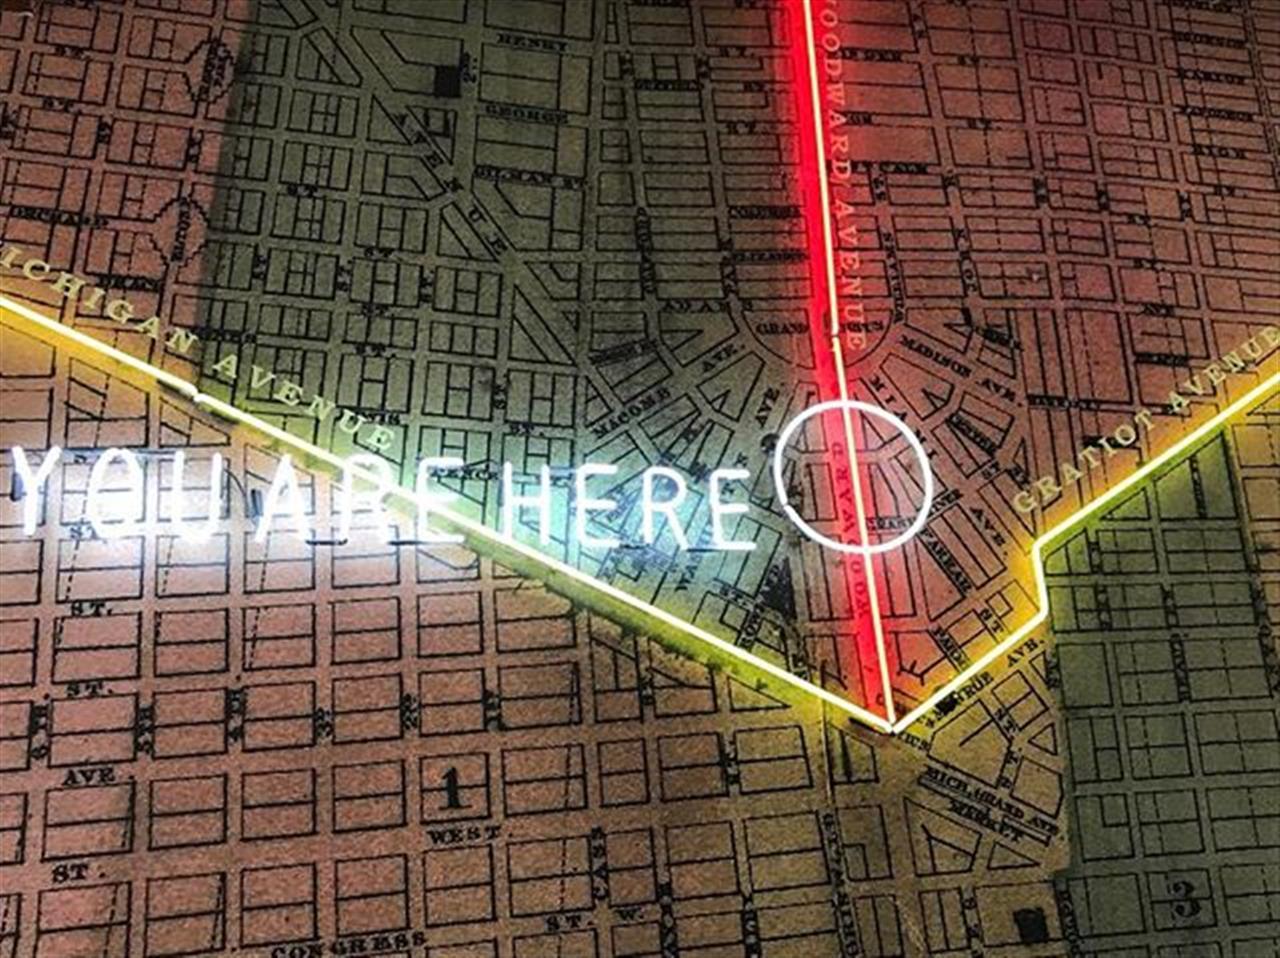 #exploringdetroit #detoit #michigan #movetodetroit @ashesupplyco #youarehere #leadingrelocal